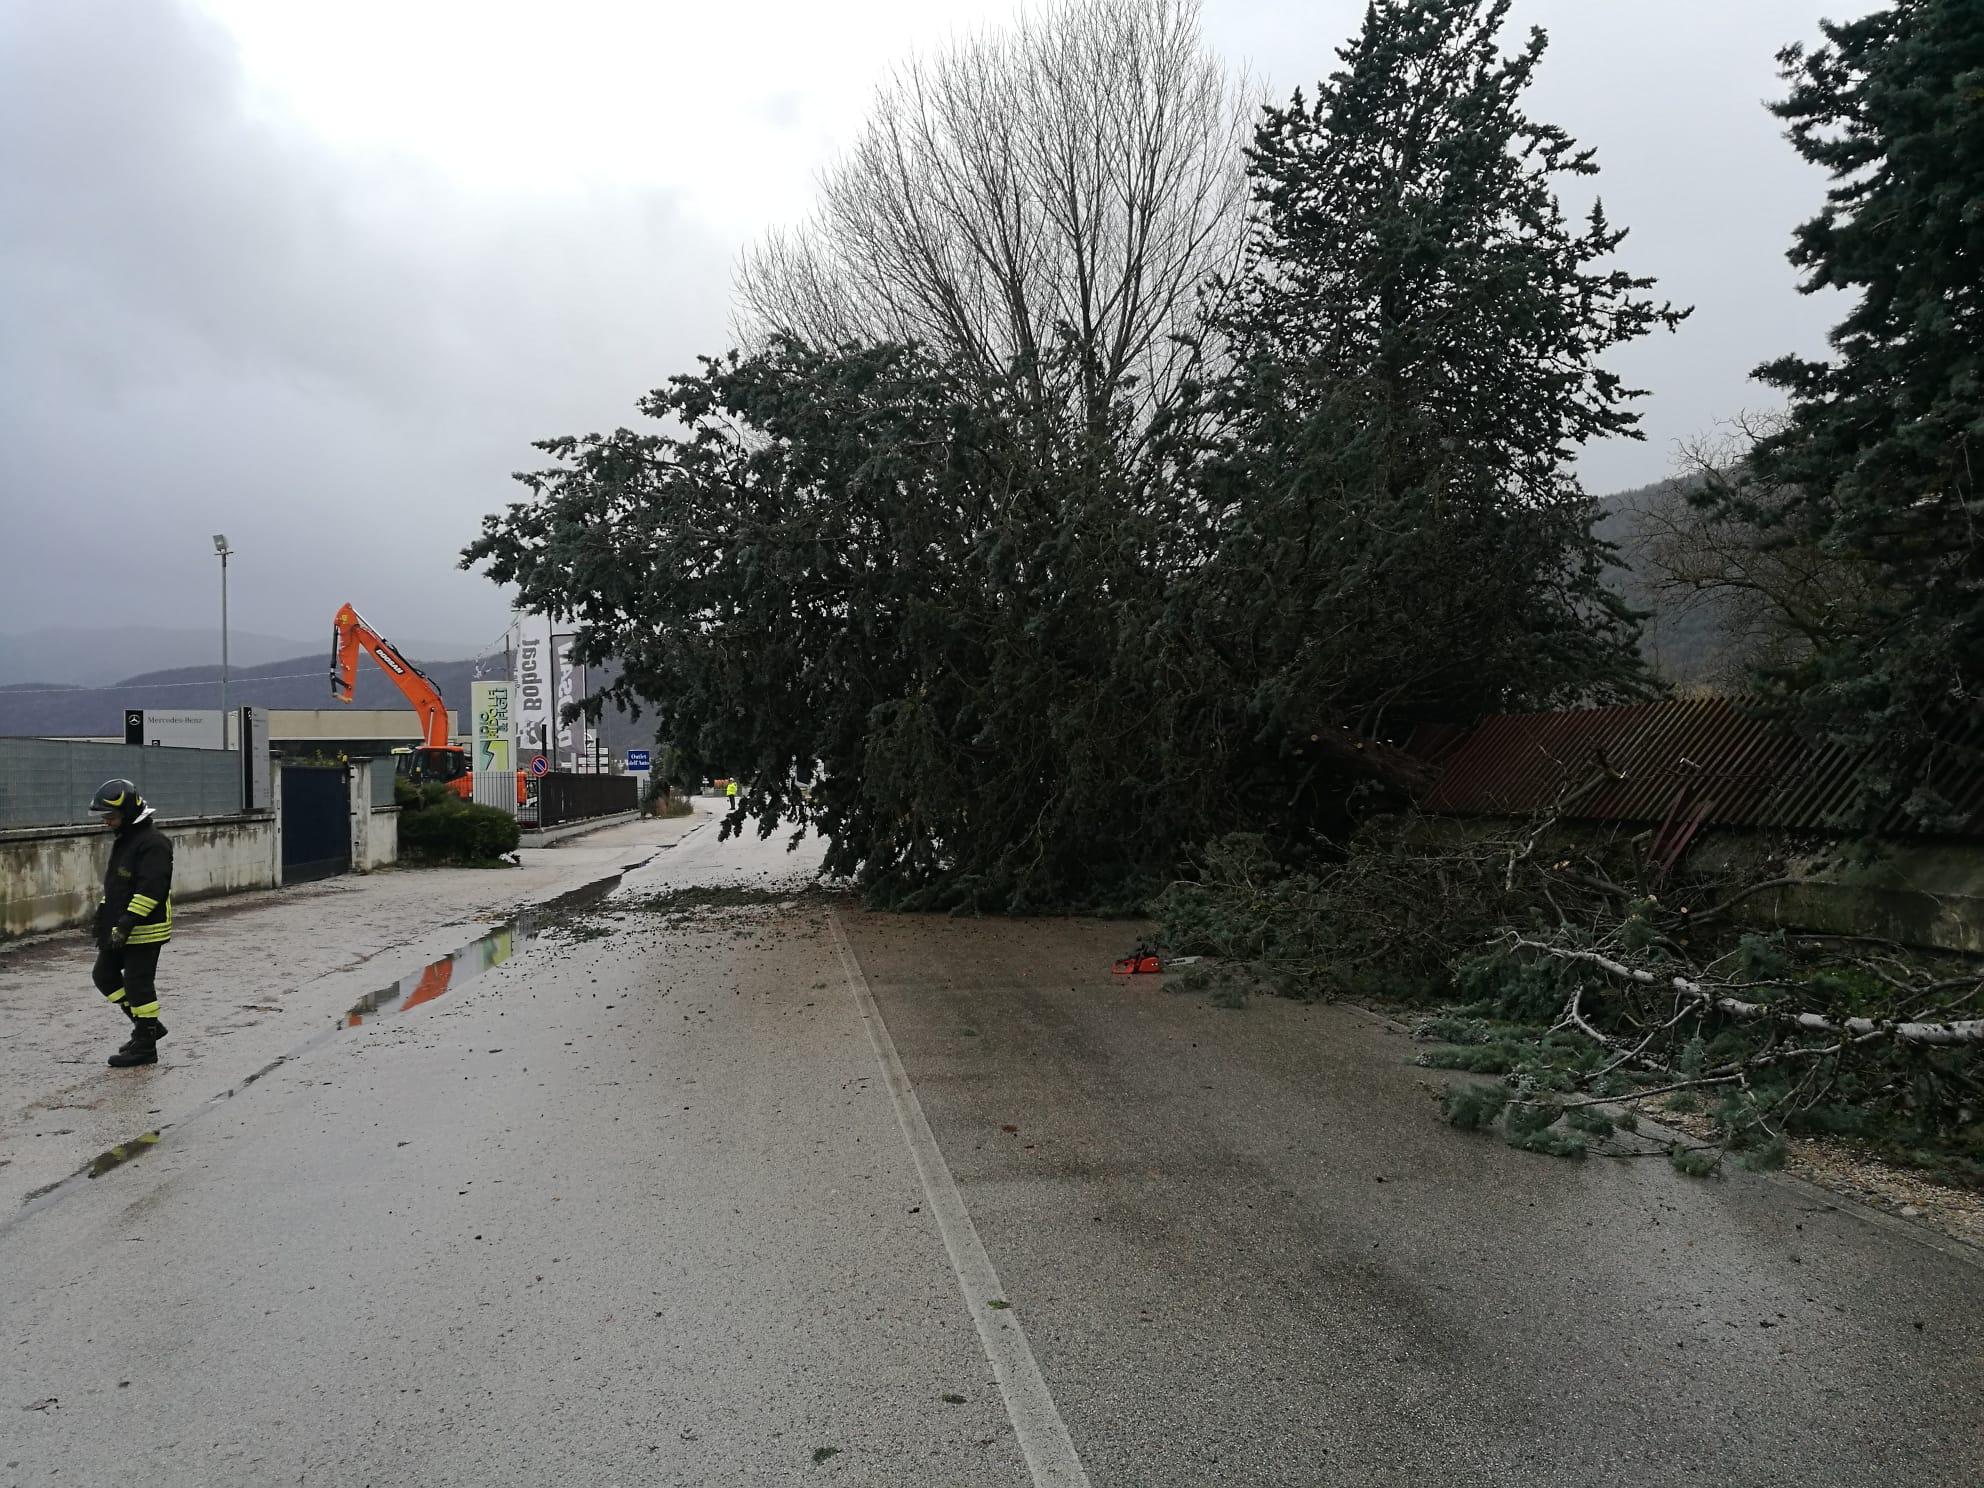 Maltempo Marsica, attivato il COC a Tagliacozzo, abbattuto un albero ad Avezzano